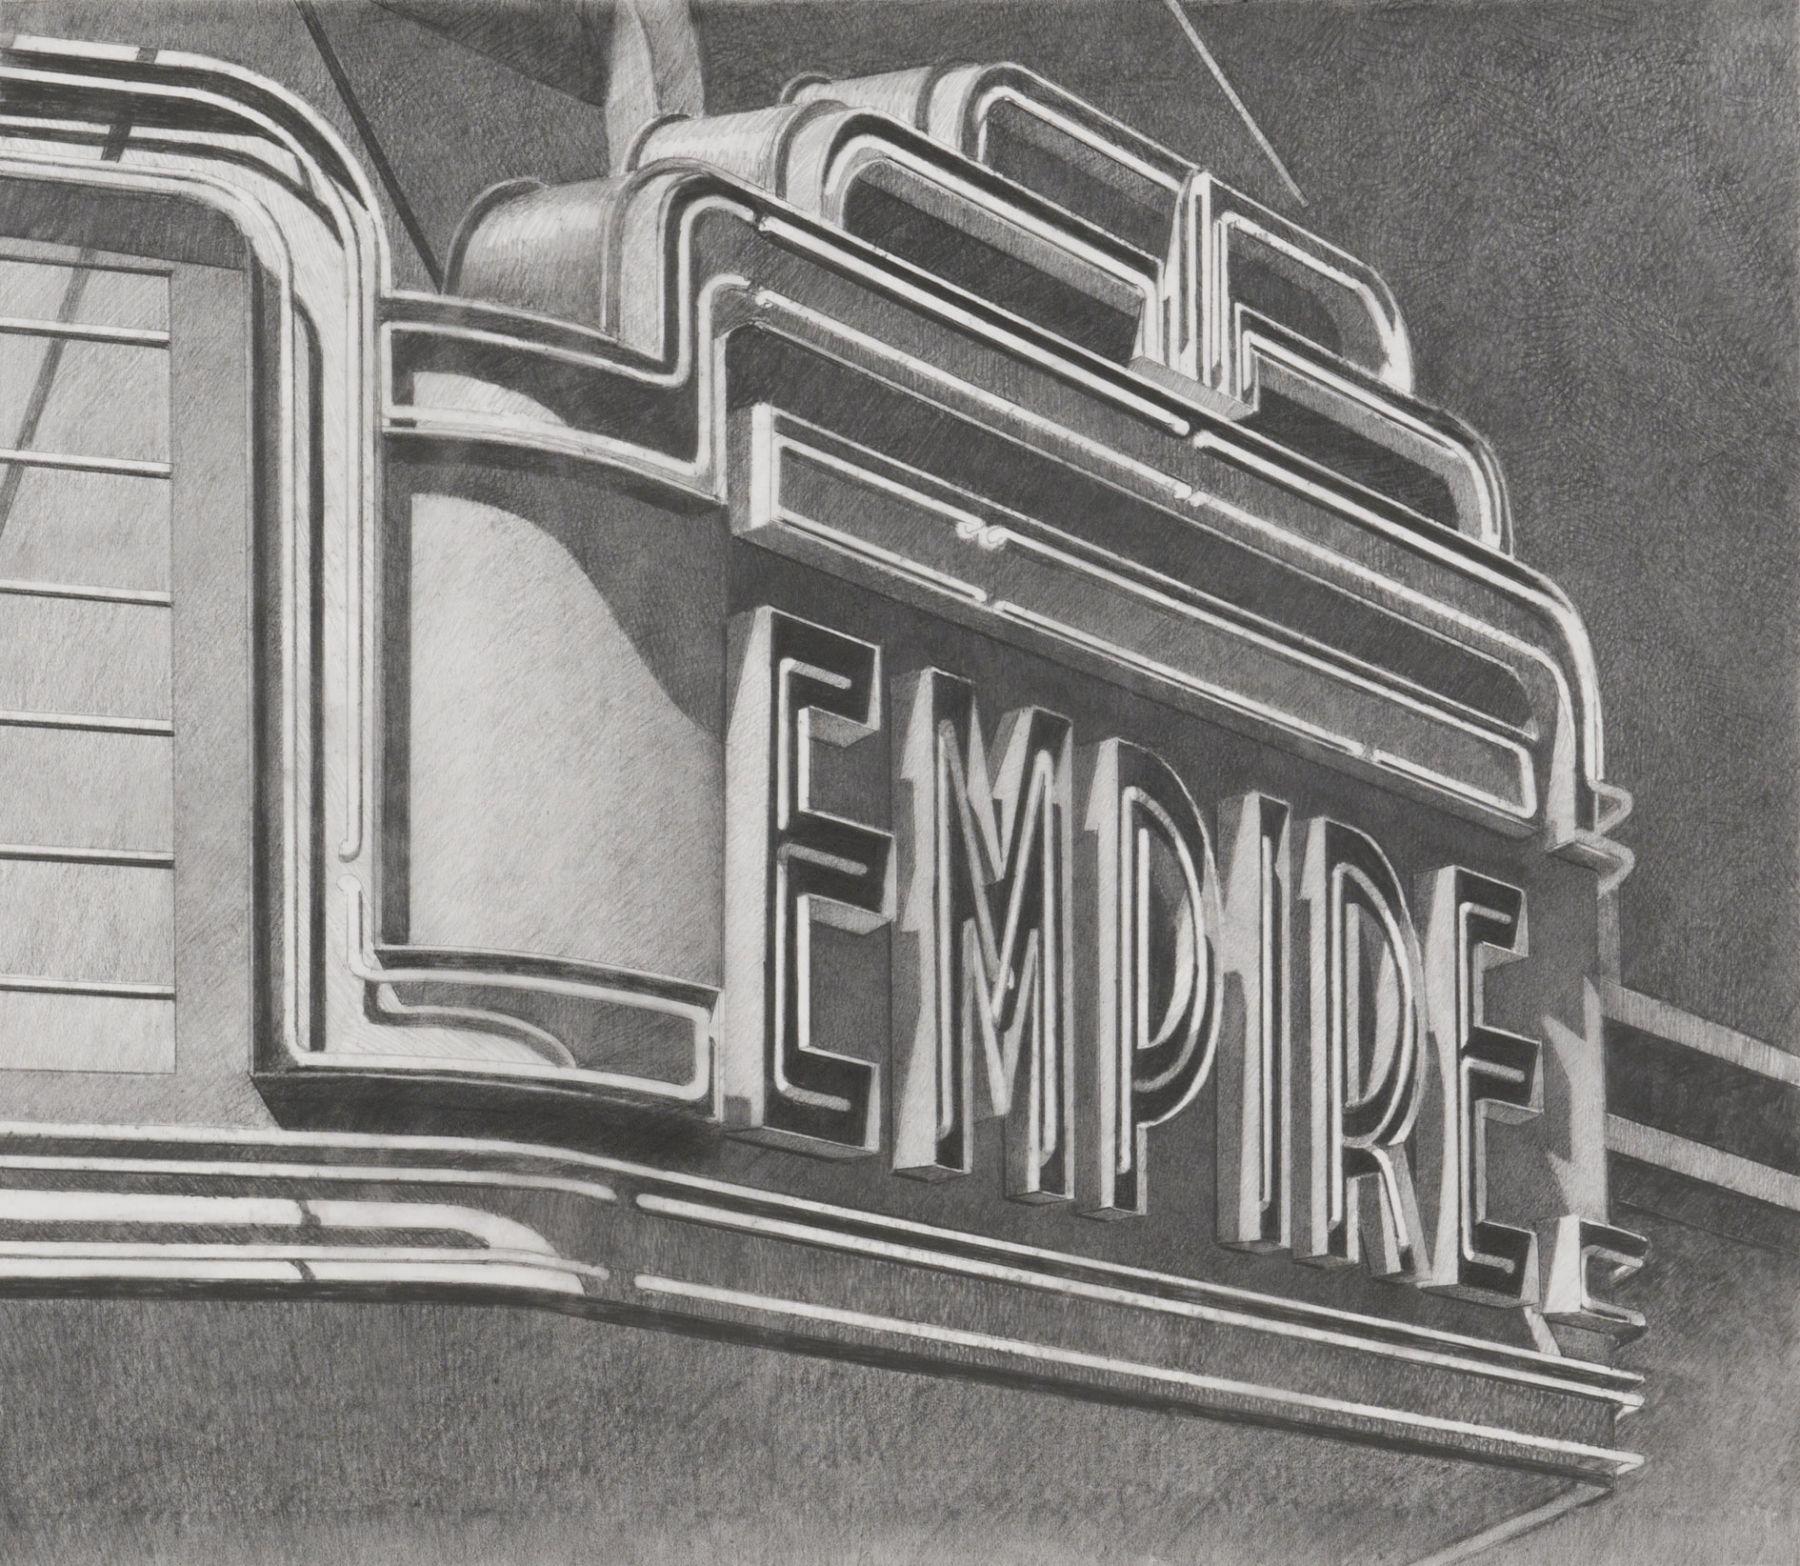 robert cottingham, Empire, 2008, graphite on vellum, 18 7/8 x 22 3/4 inches